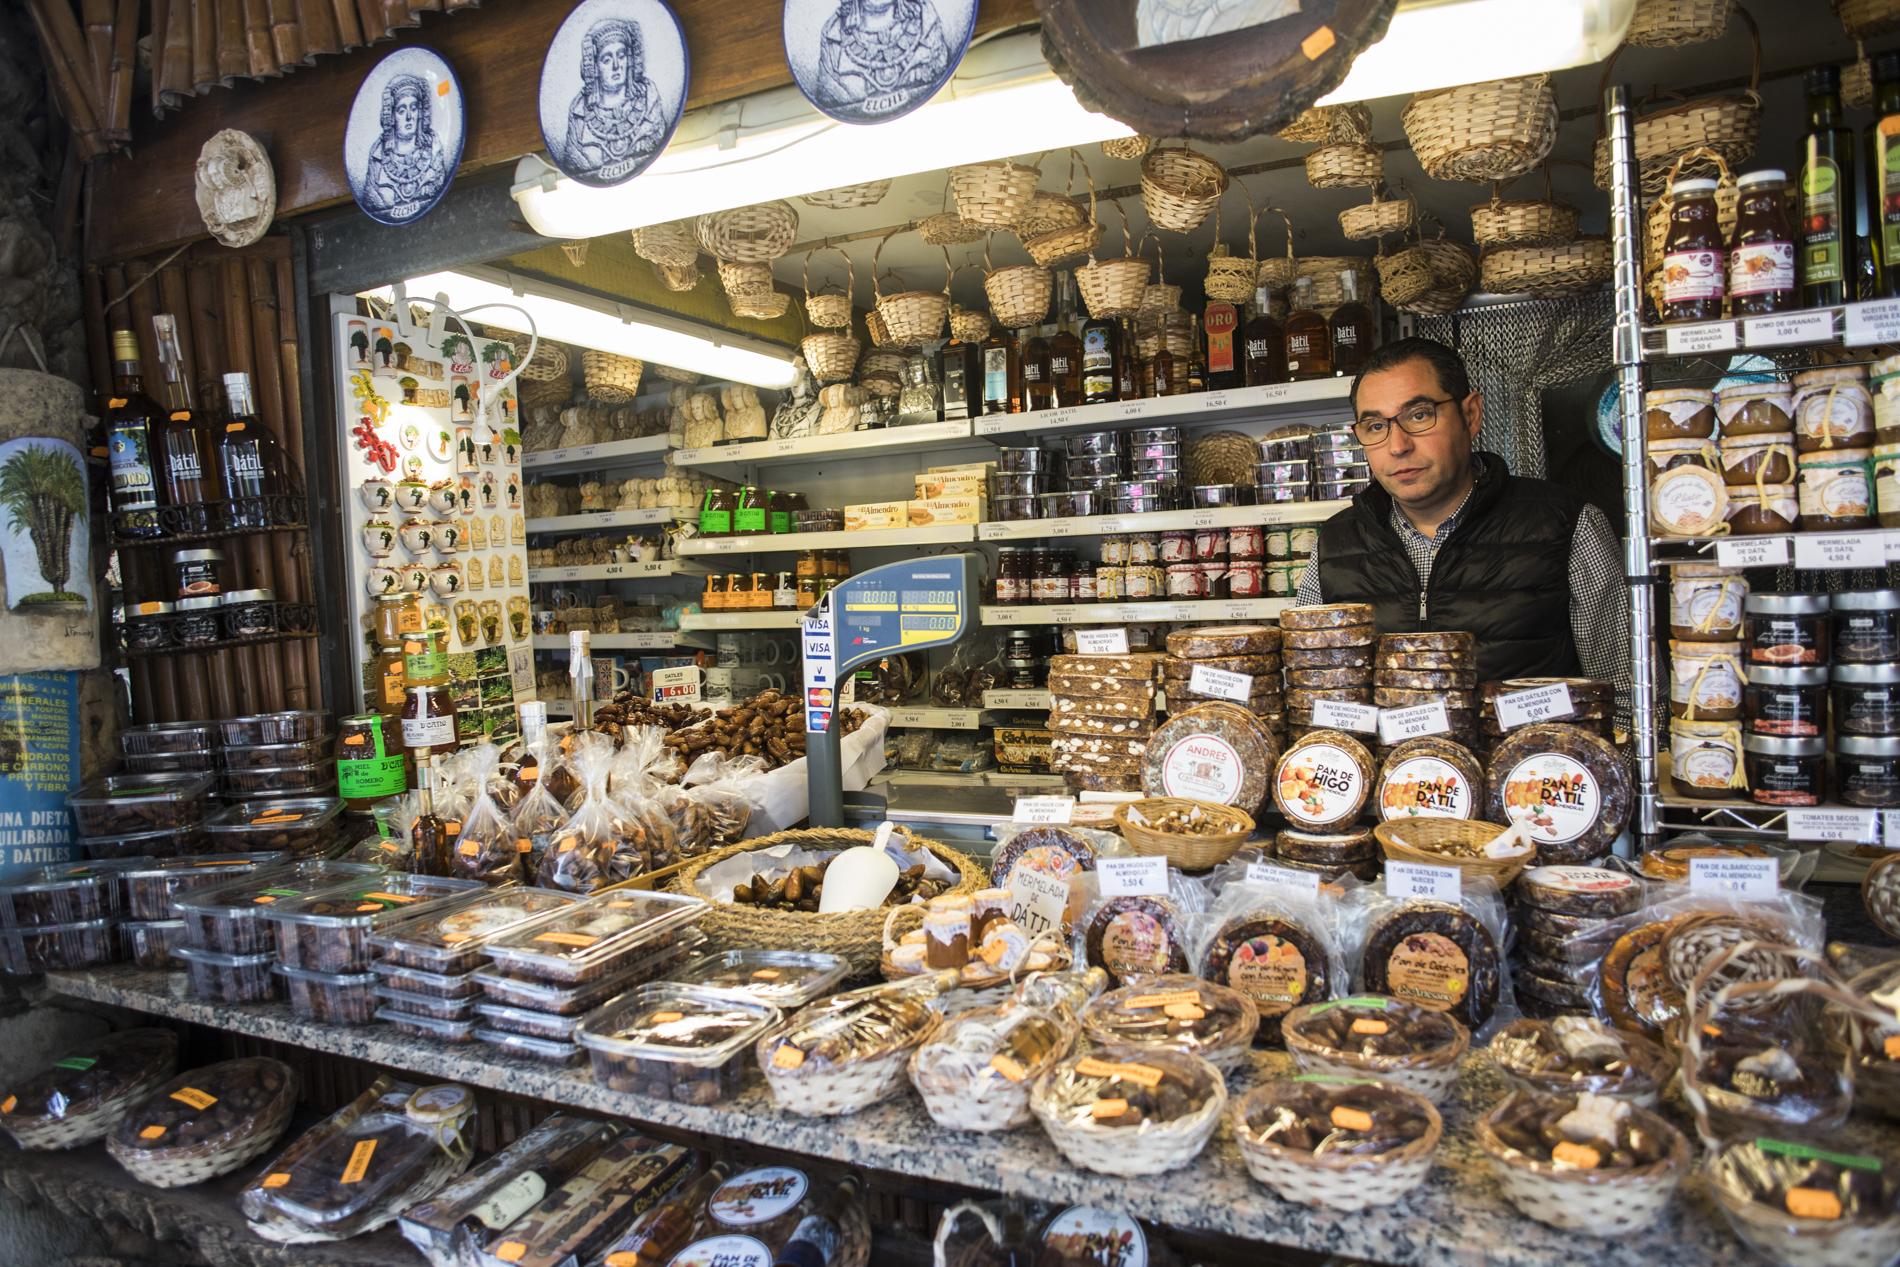 Un puestecillo de souvenirs y productos típicos en el Huerto del Cura, en Elche (Alicante).